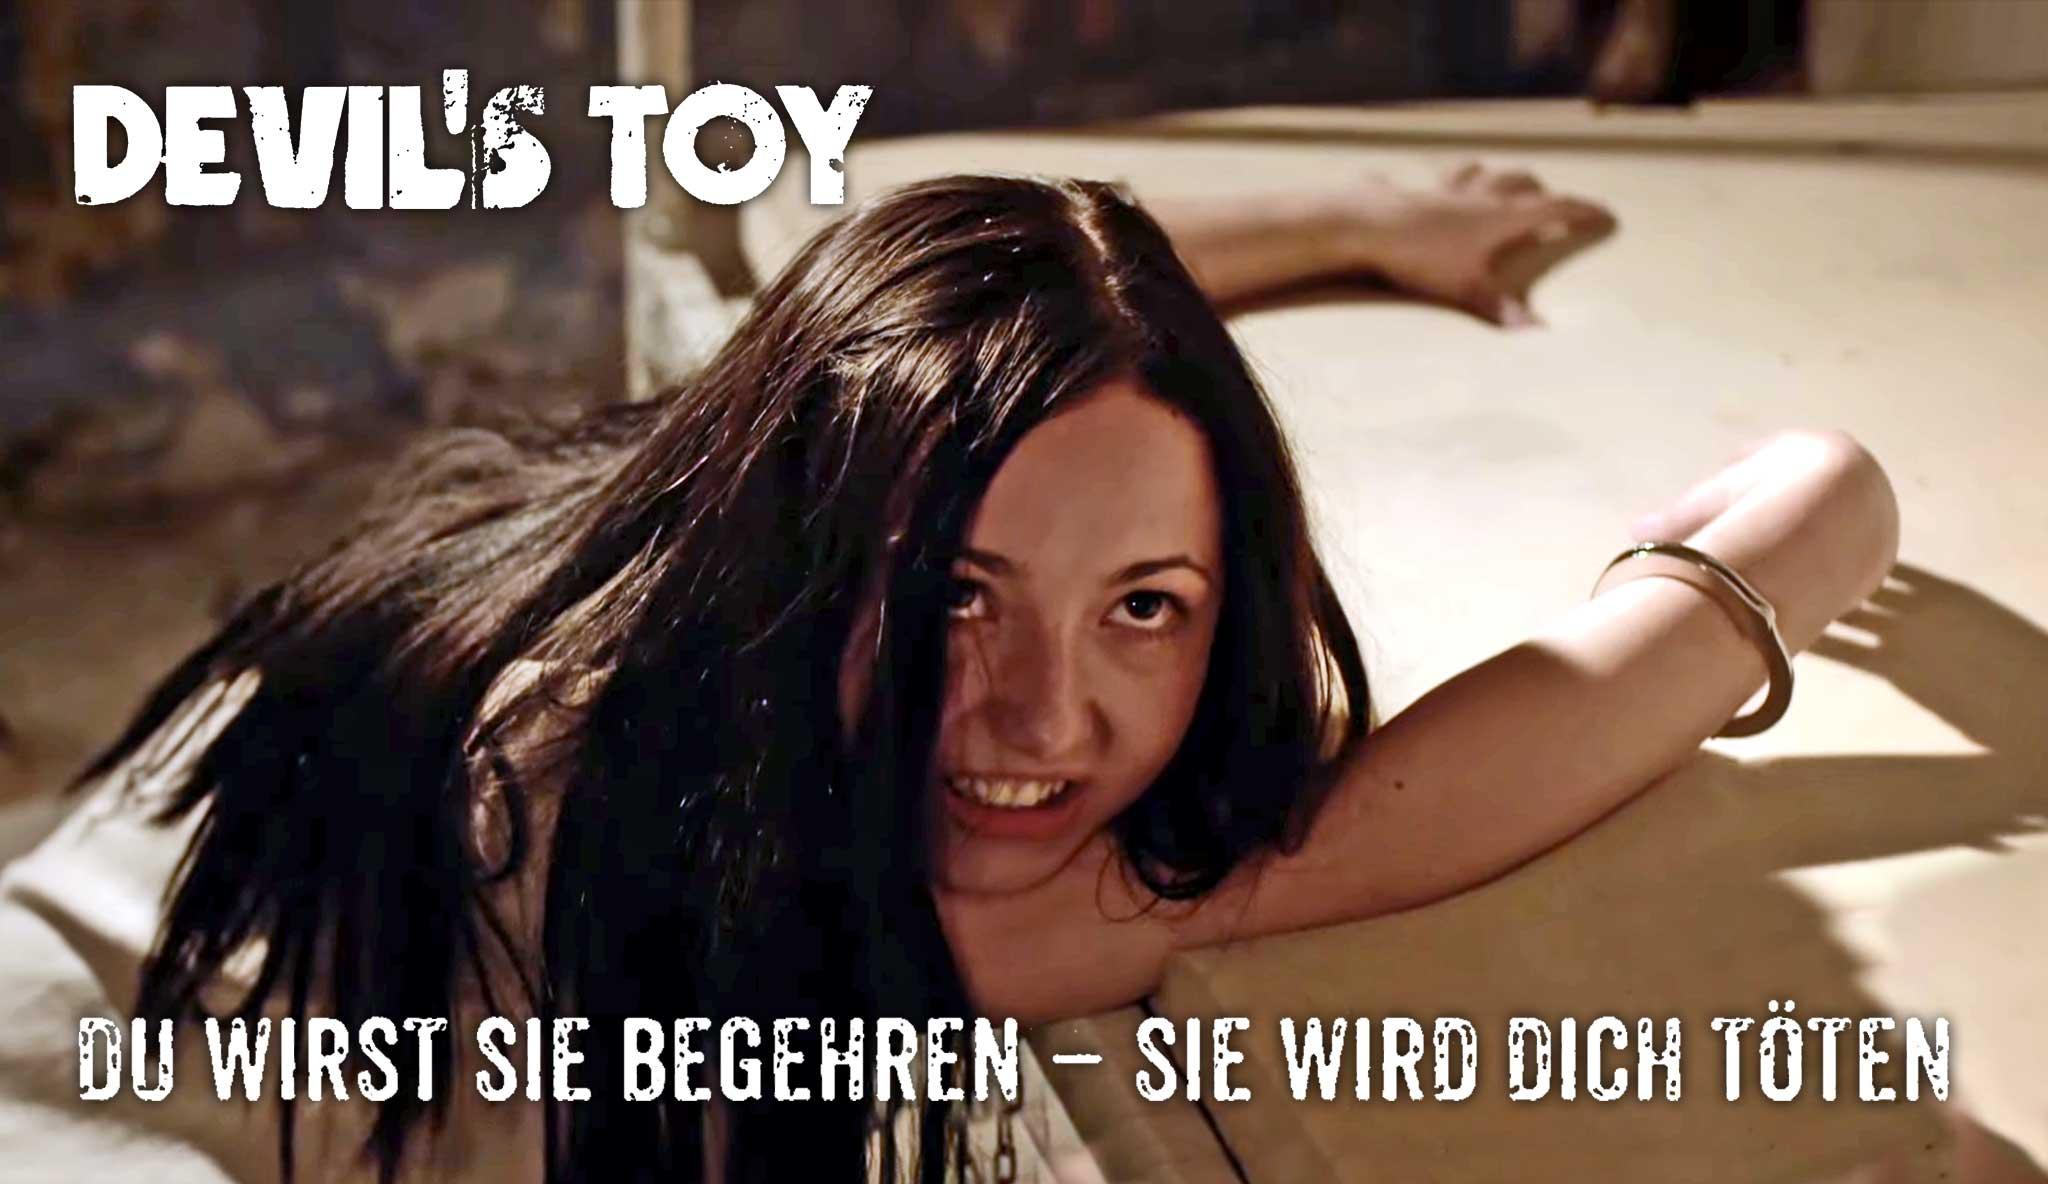 devils-toy-du-wirst-sie-begehren-sie-wird-dich-toten\header.jpg